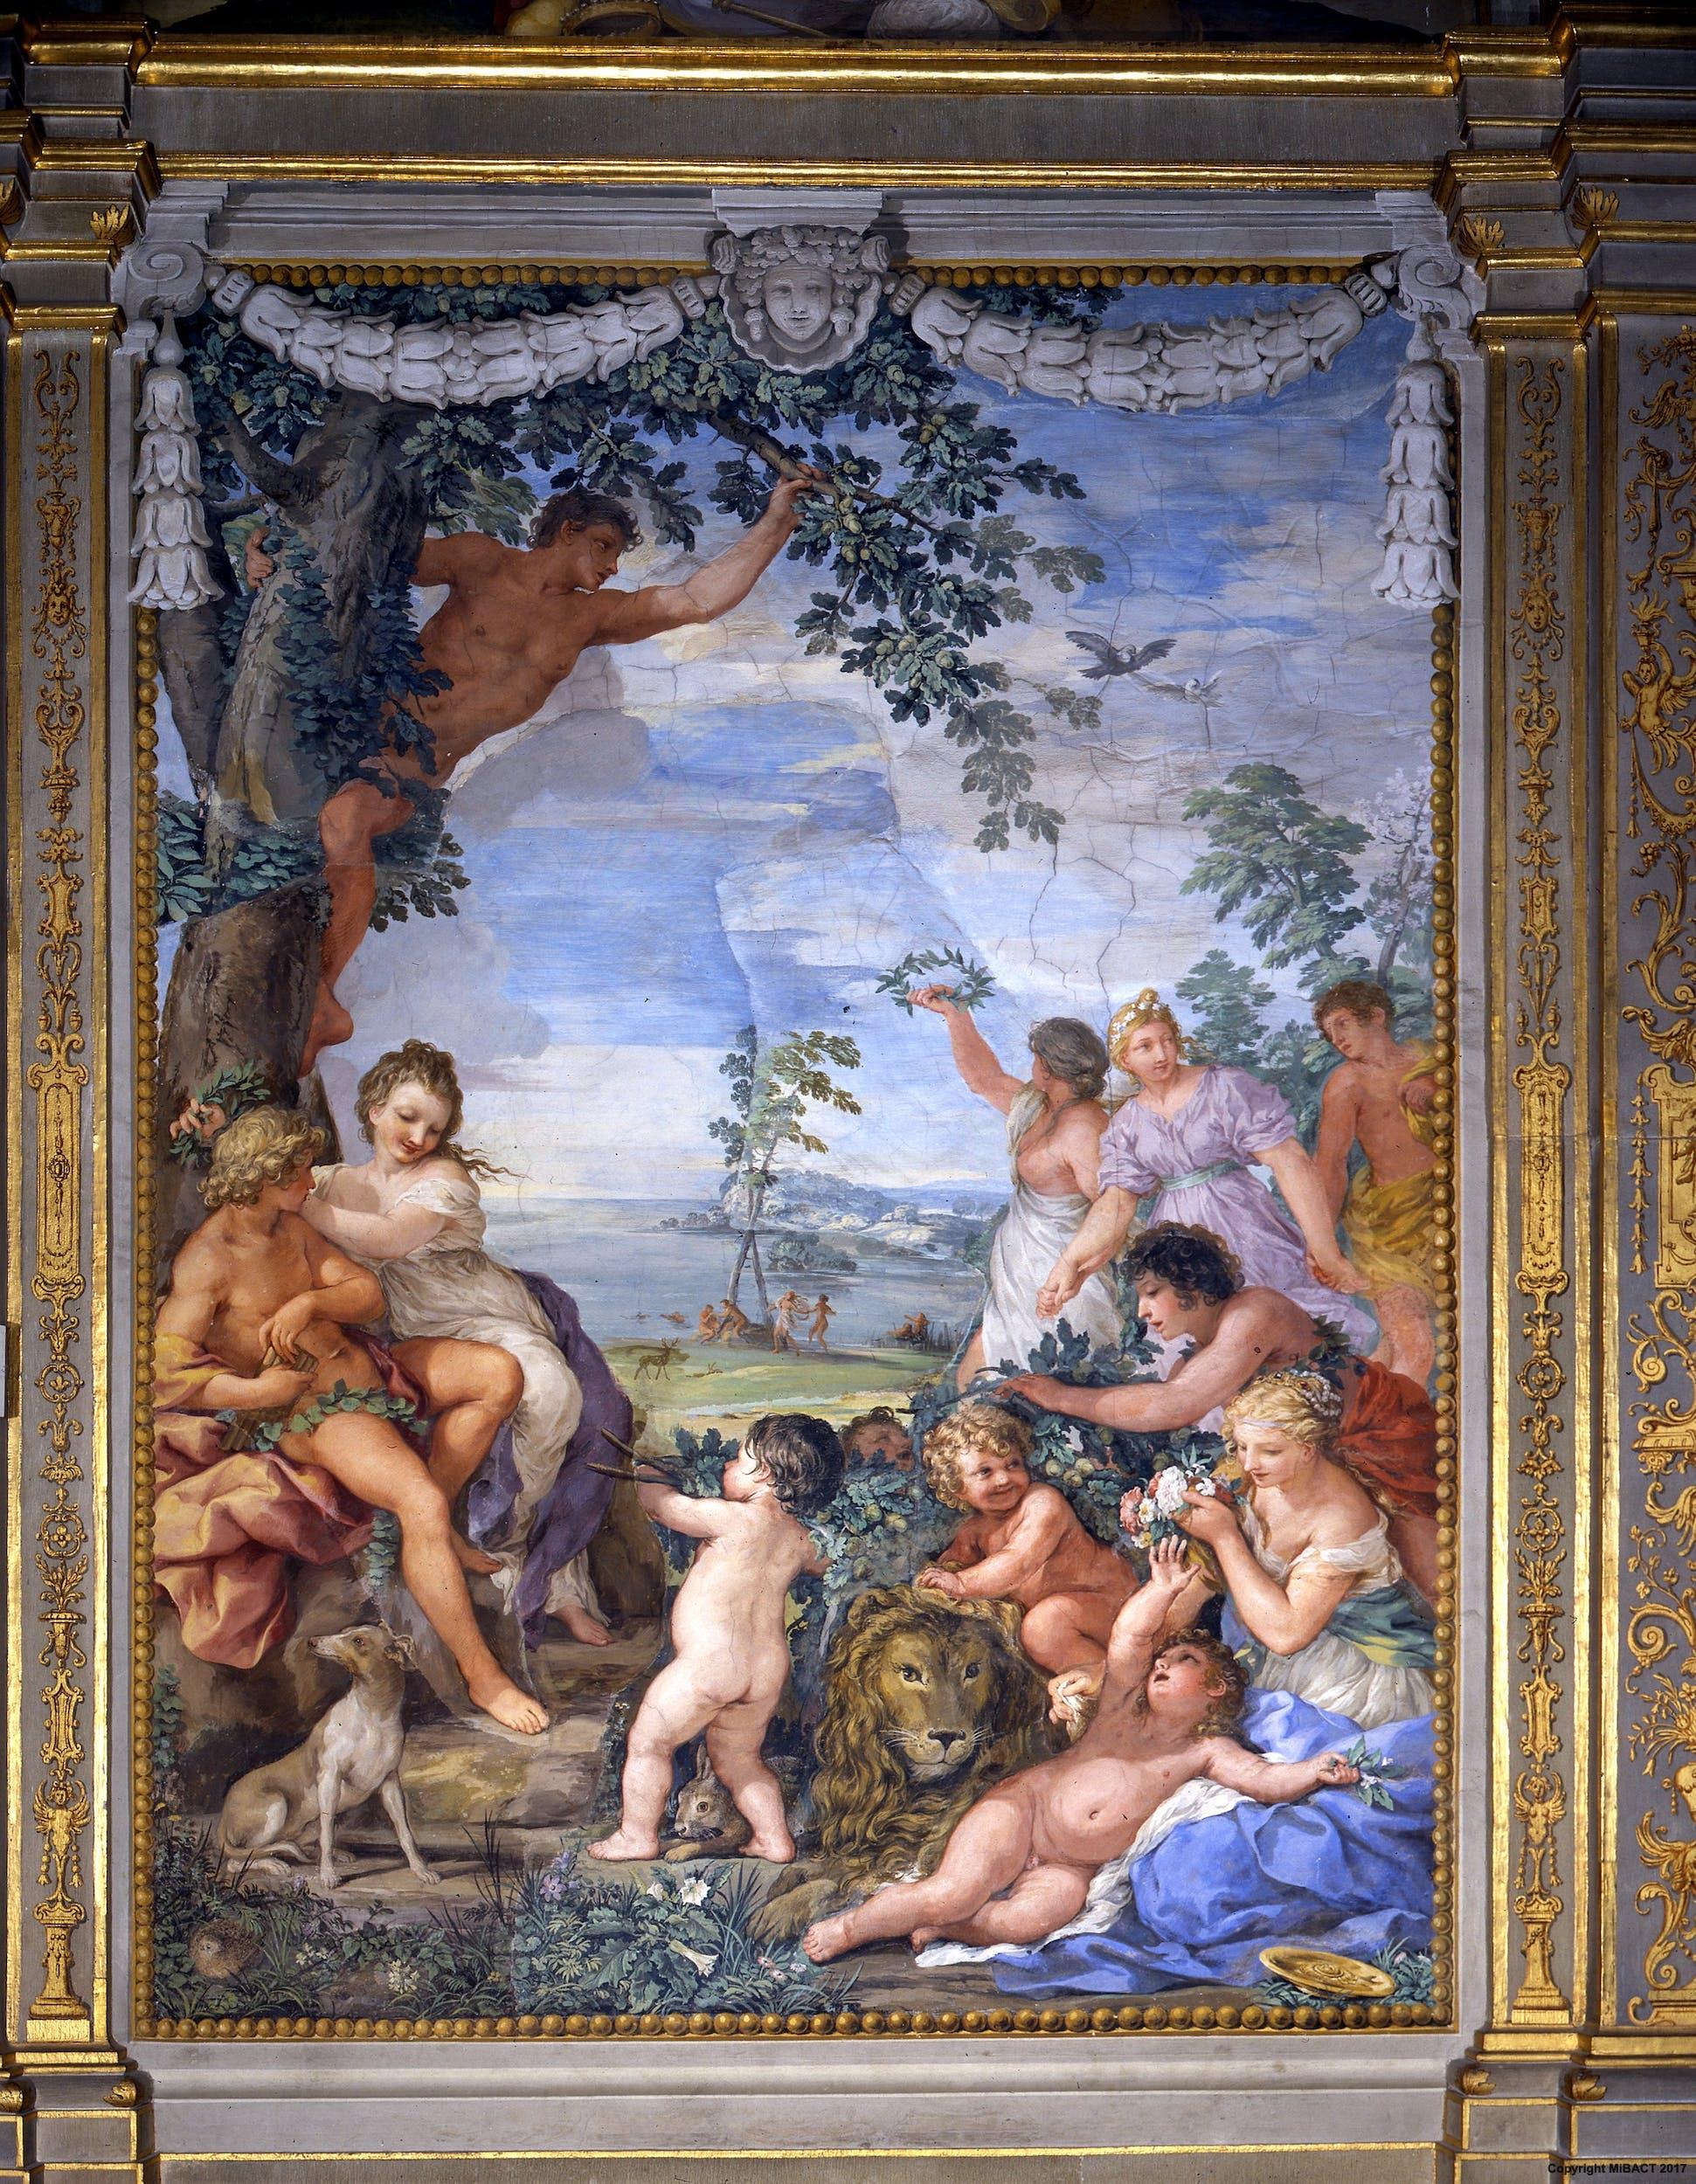 Pietro da Cortona, età dell'oro | Golden age